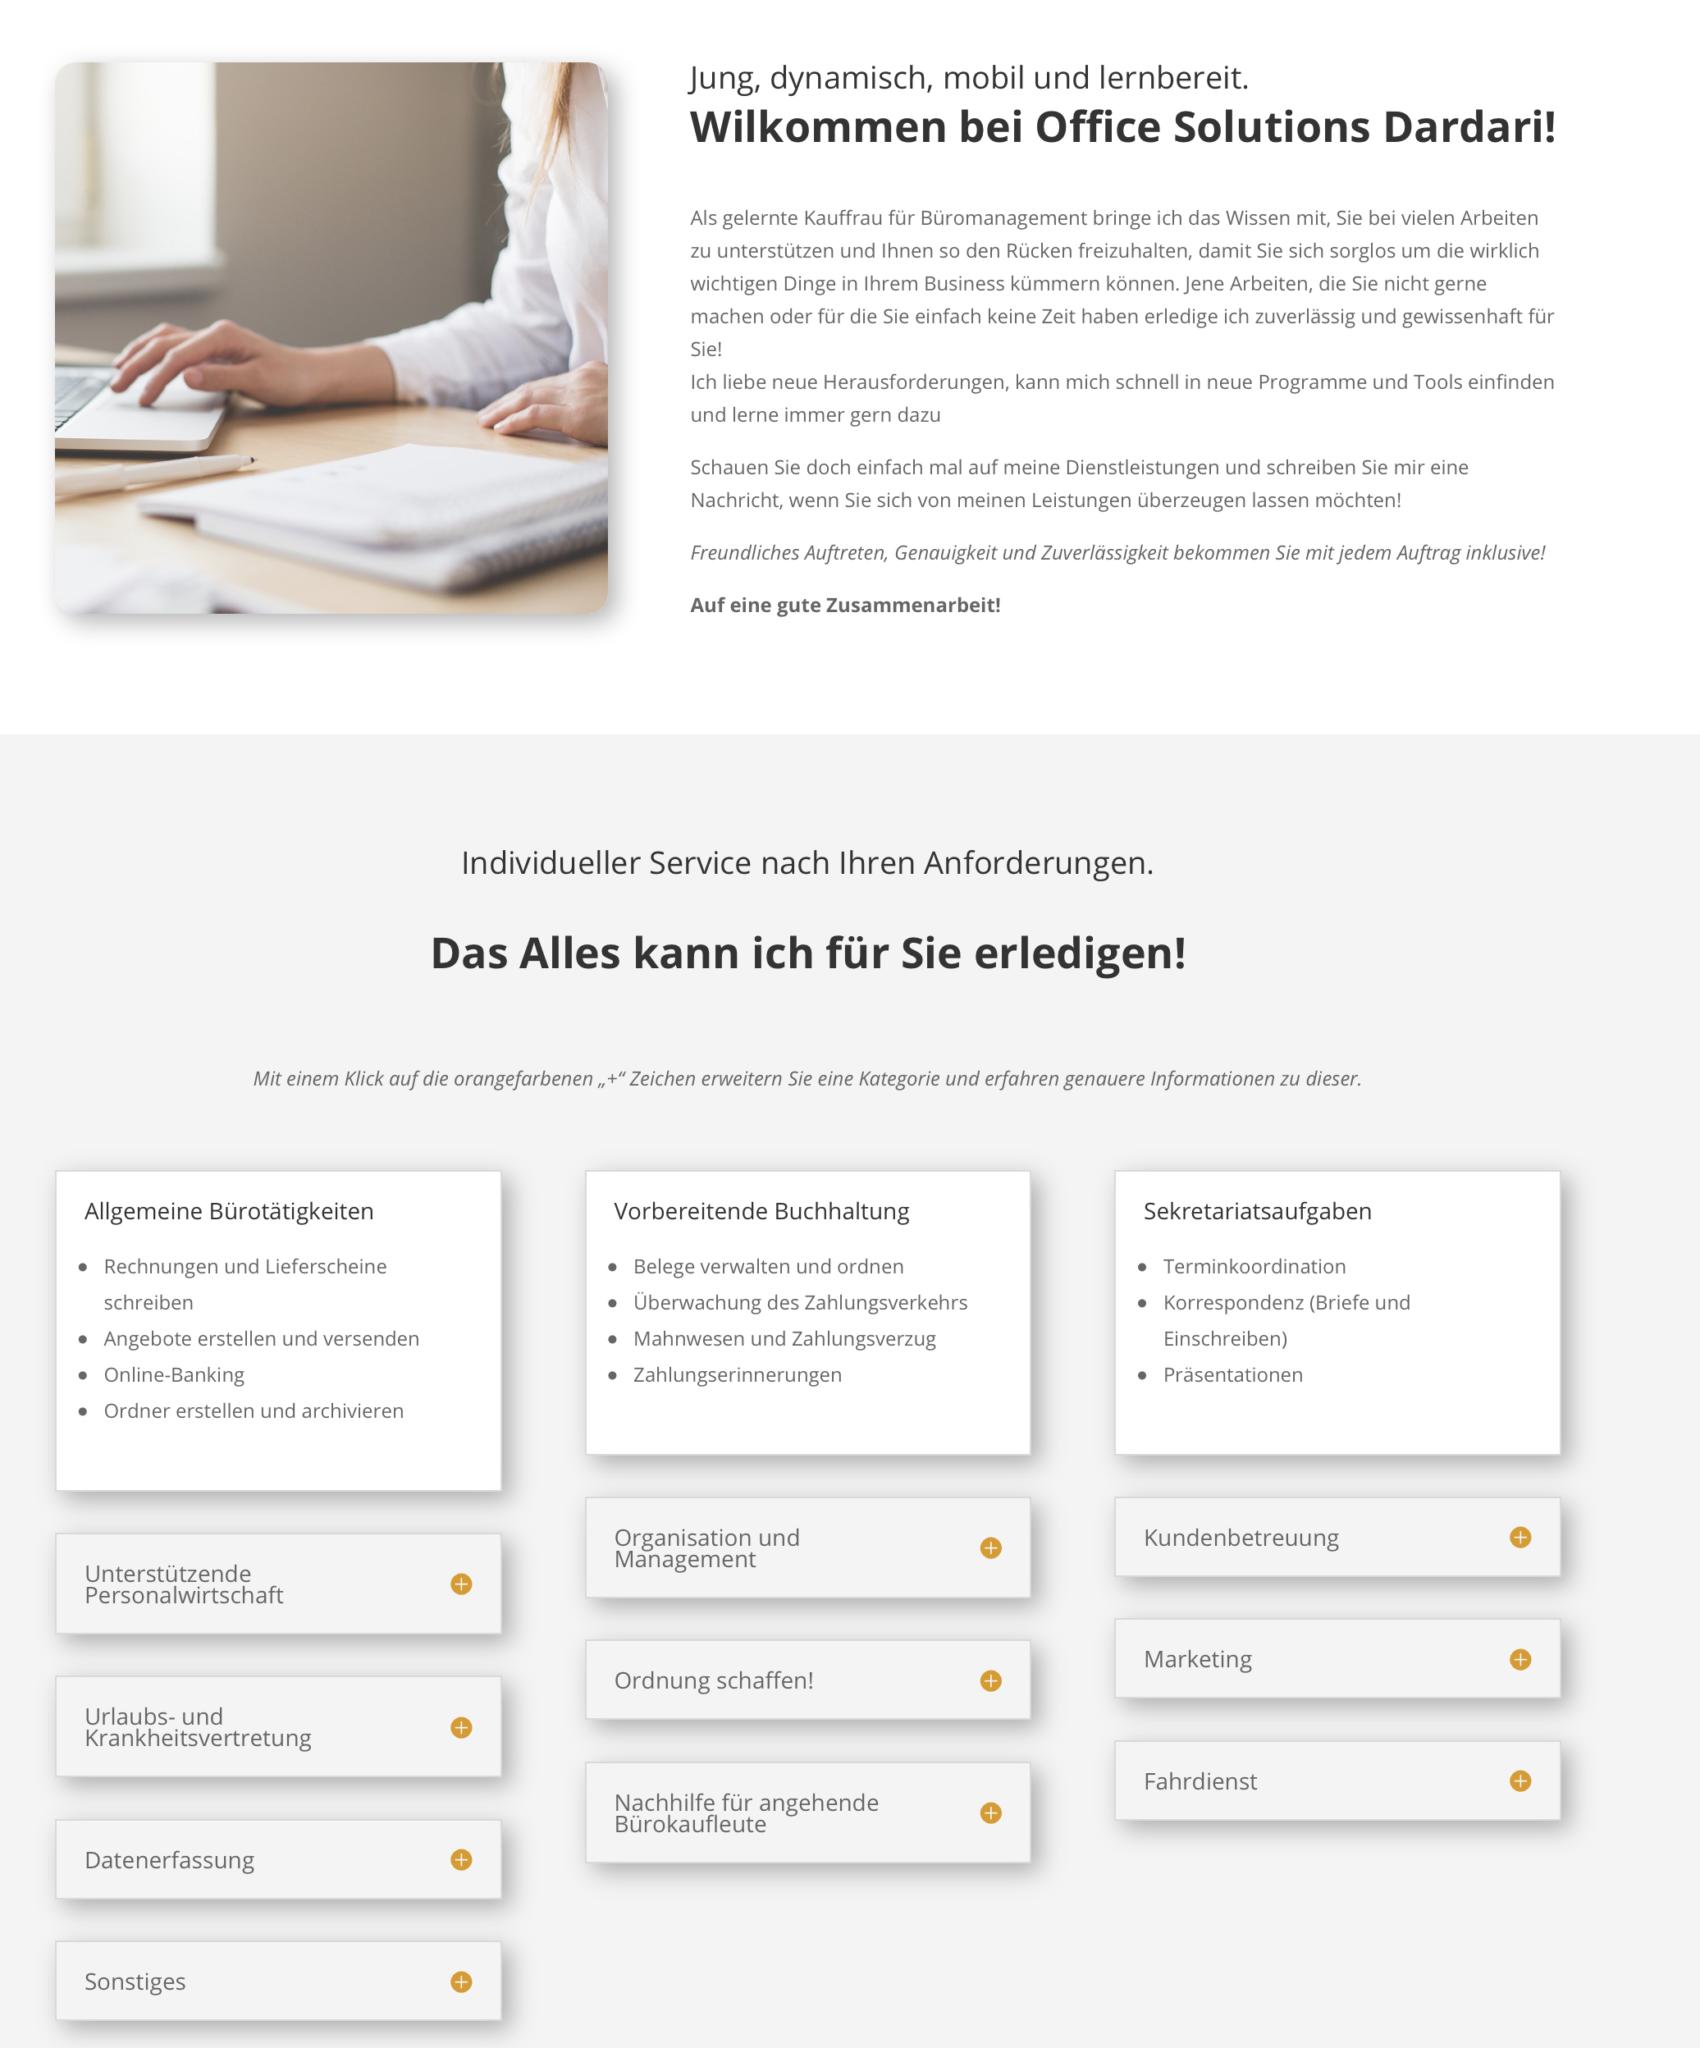 Office-Solutions Dardari